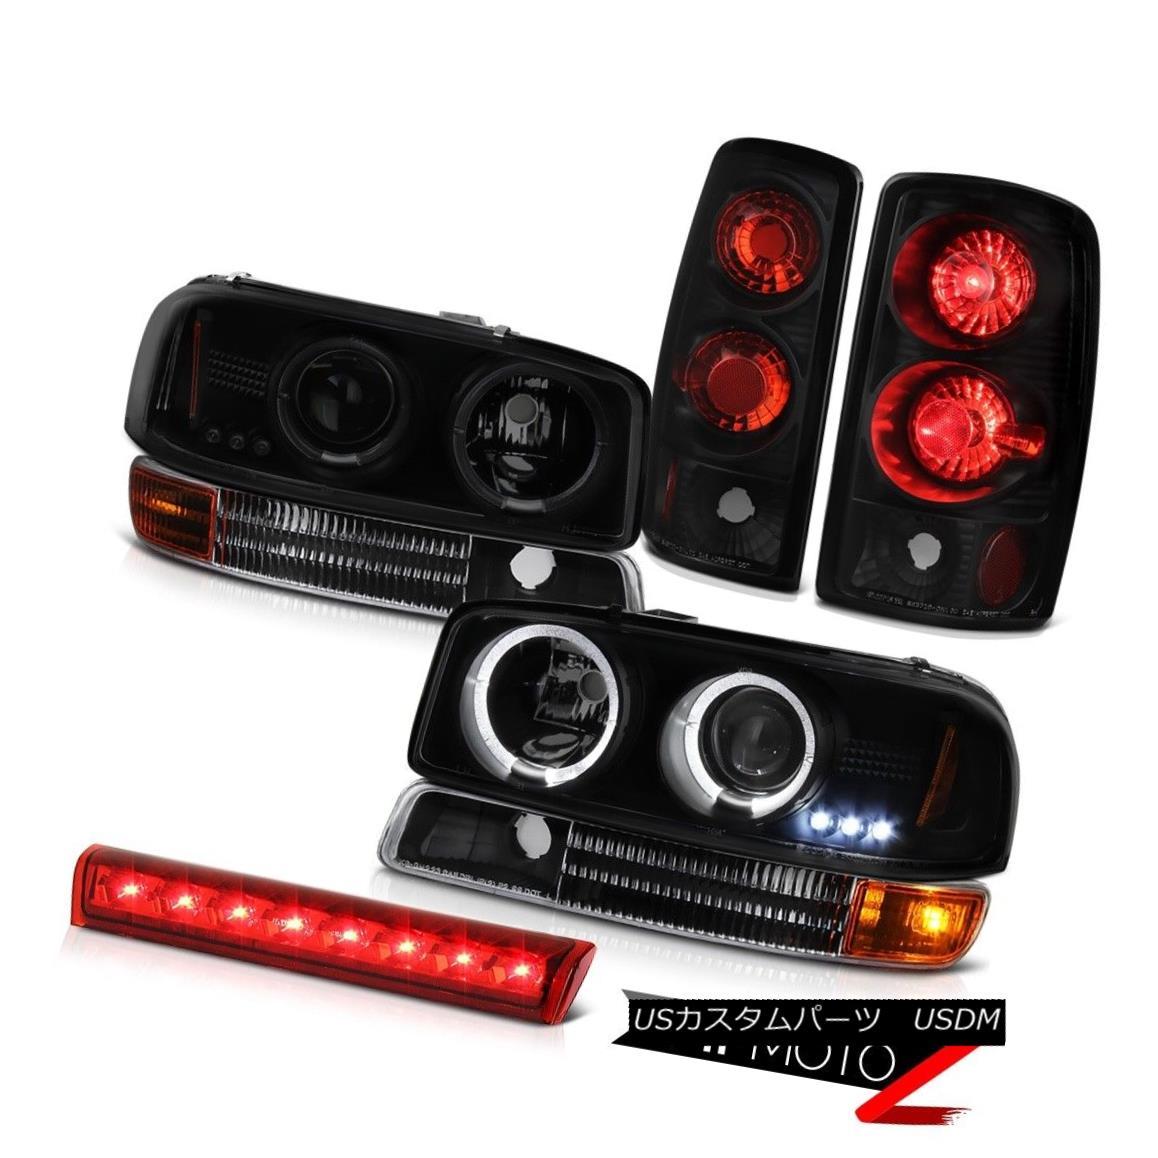 テールライト 2000-2006 Yukon 5.3L L.E.D DRL Headlights Signal Rear Brake Tail Light Third LED 2000-2006ユーコン5.3L L.E.D DRLヘッドライト信号リアブレーキテールライト第3 LED